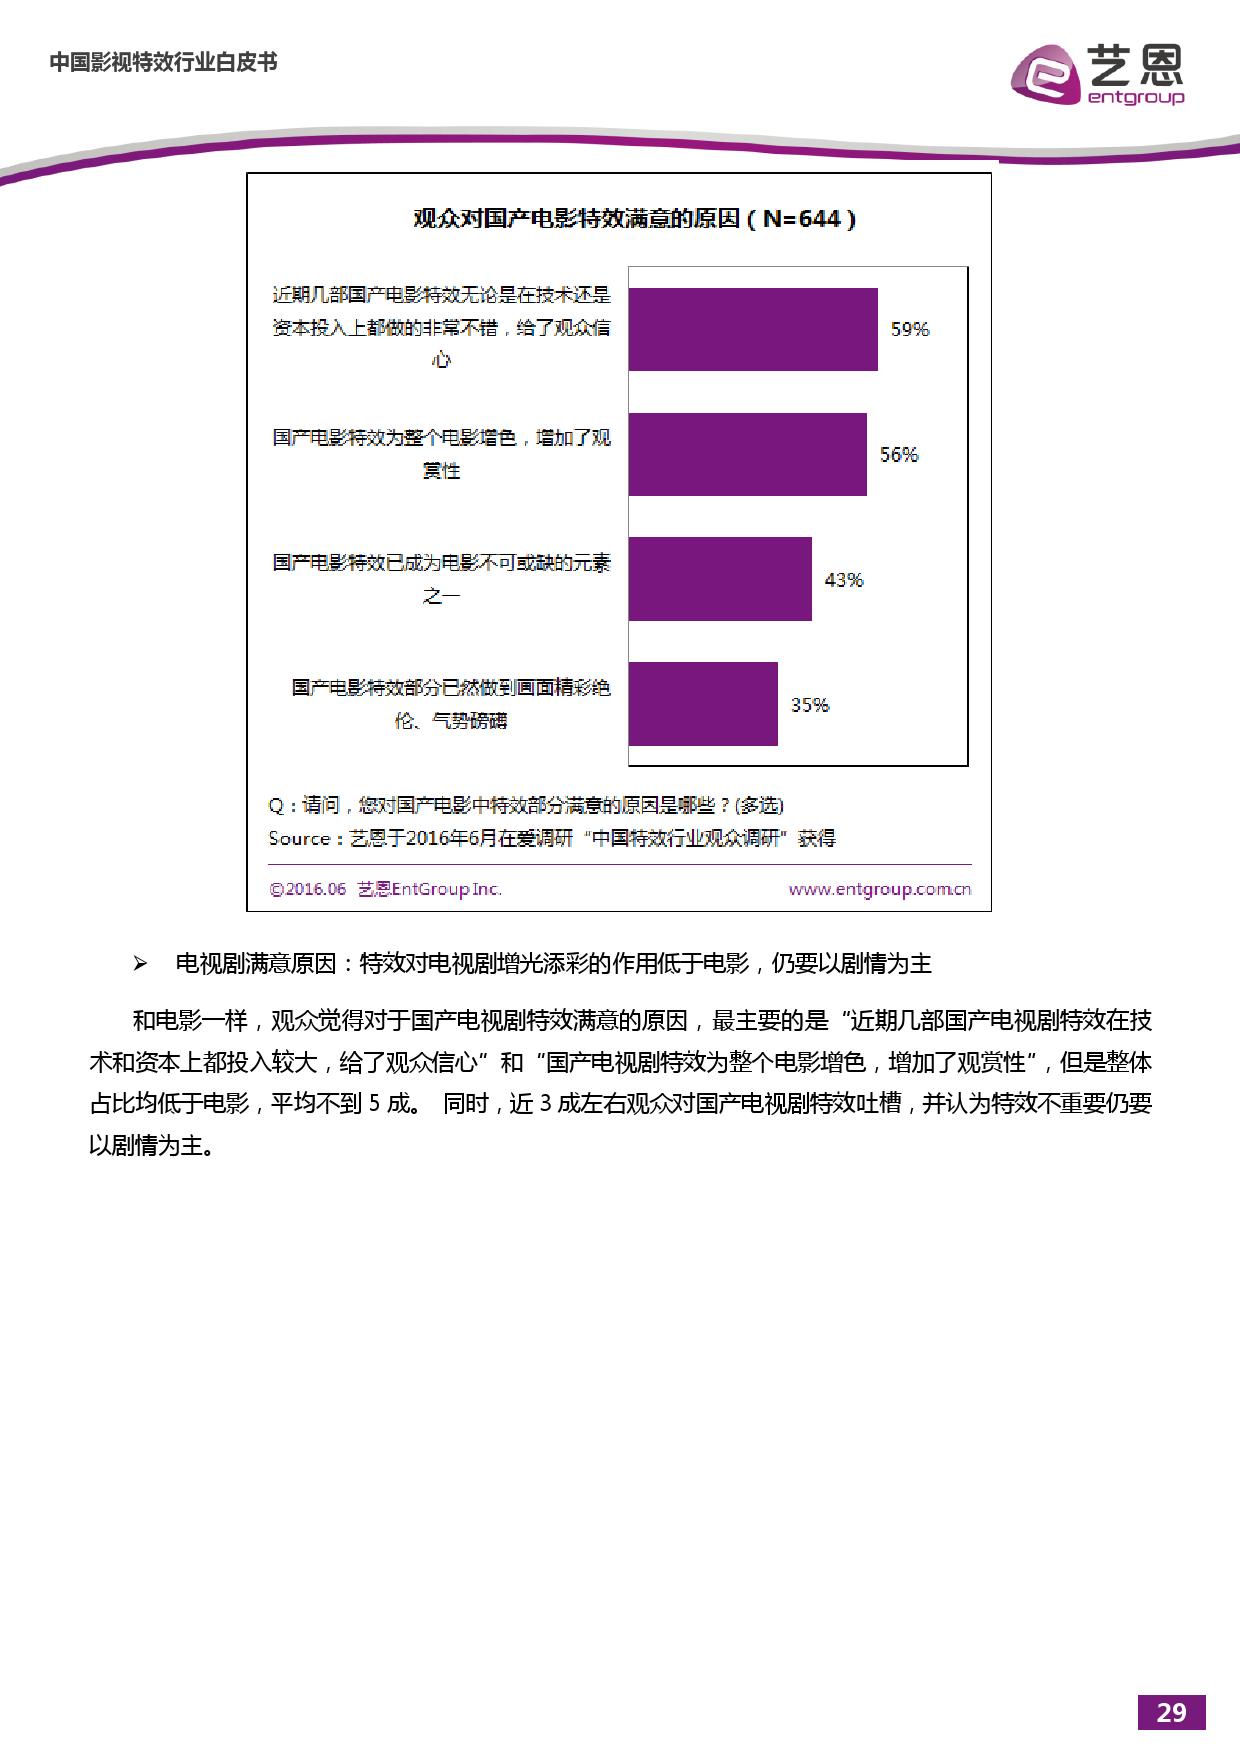 %e4%b8%ad%e5%9b%bd%e5%bd%b1%e8%a7%86%e7%89%b9%e6%95%88%e5%b8%82%e5%9c%ba%e7%a0%94%e7%a9%b6%e6%8a%a5%e5%91%8a_000030